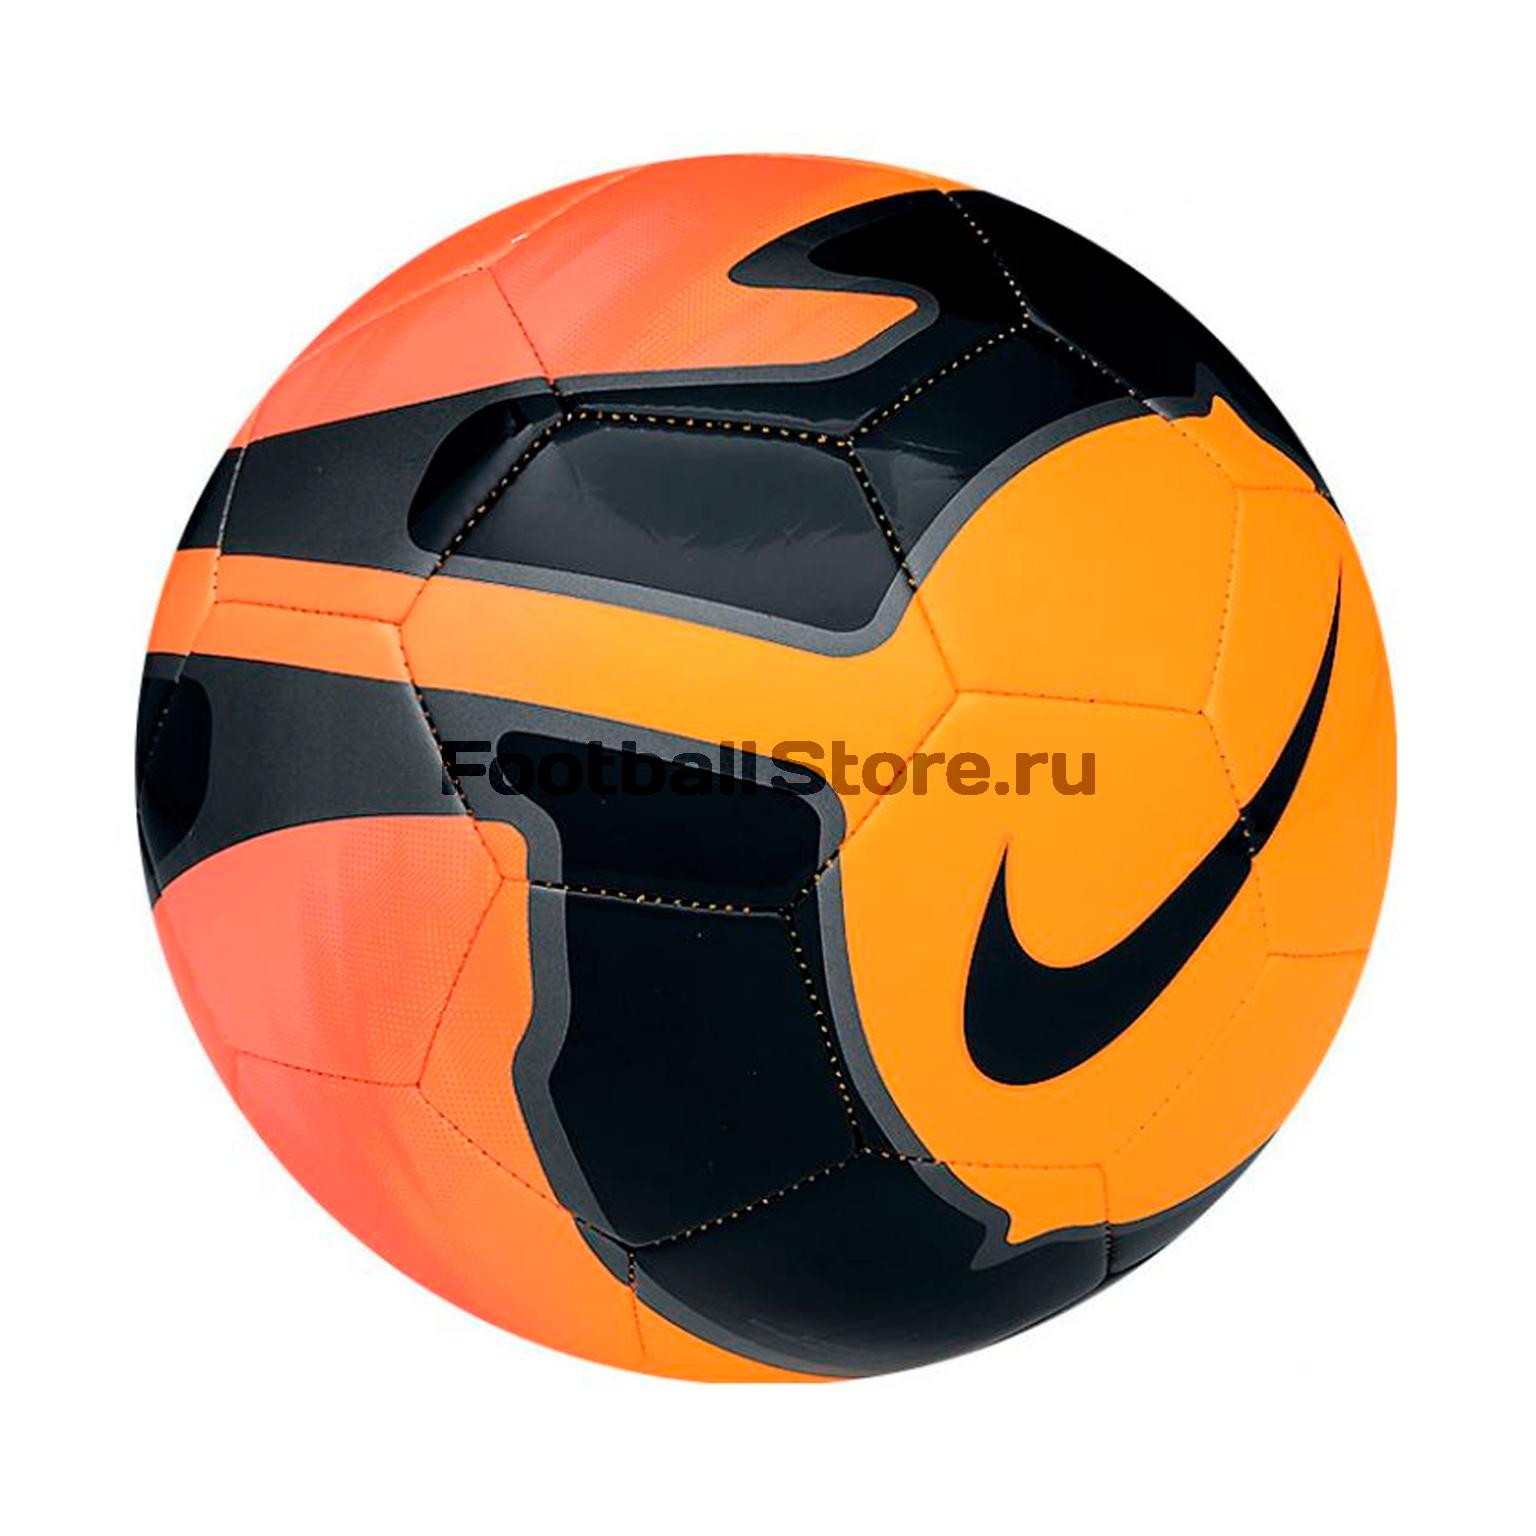 Классические Nike Мяч Nike Velox SC2278-880